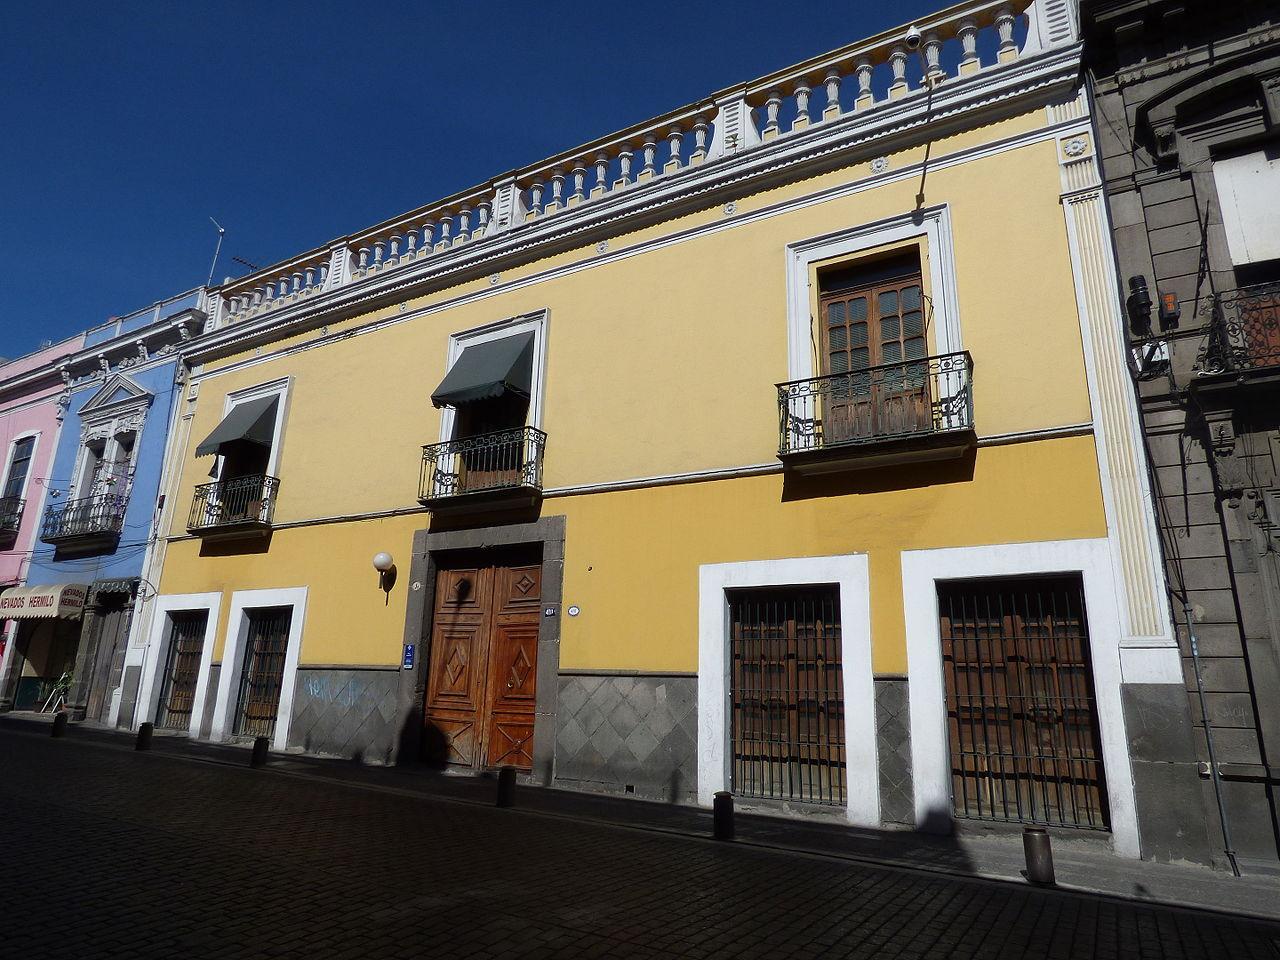 Archivo fachada de la casa amarilla icsyh buap puebla for Casa amarilla la serena